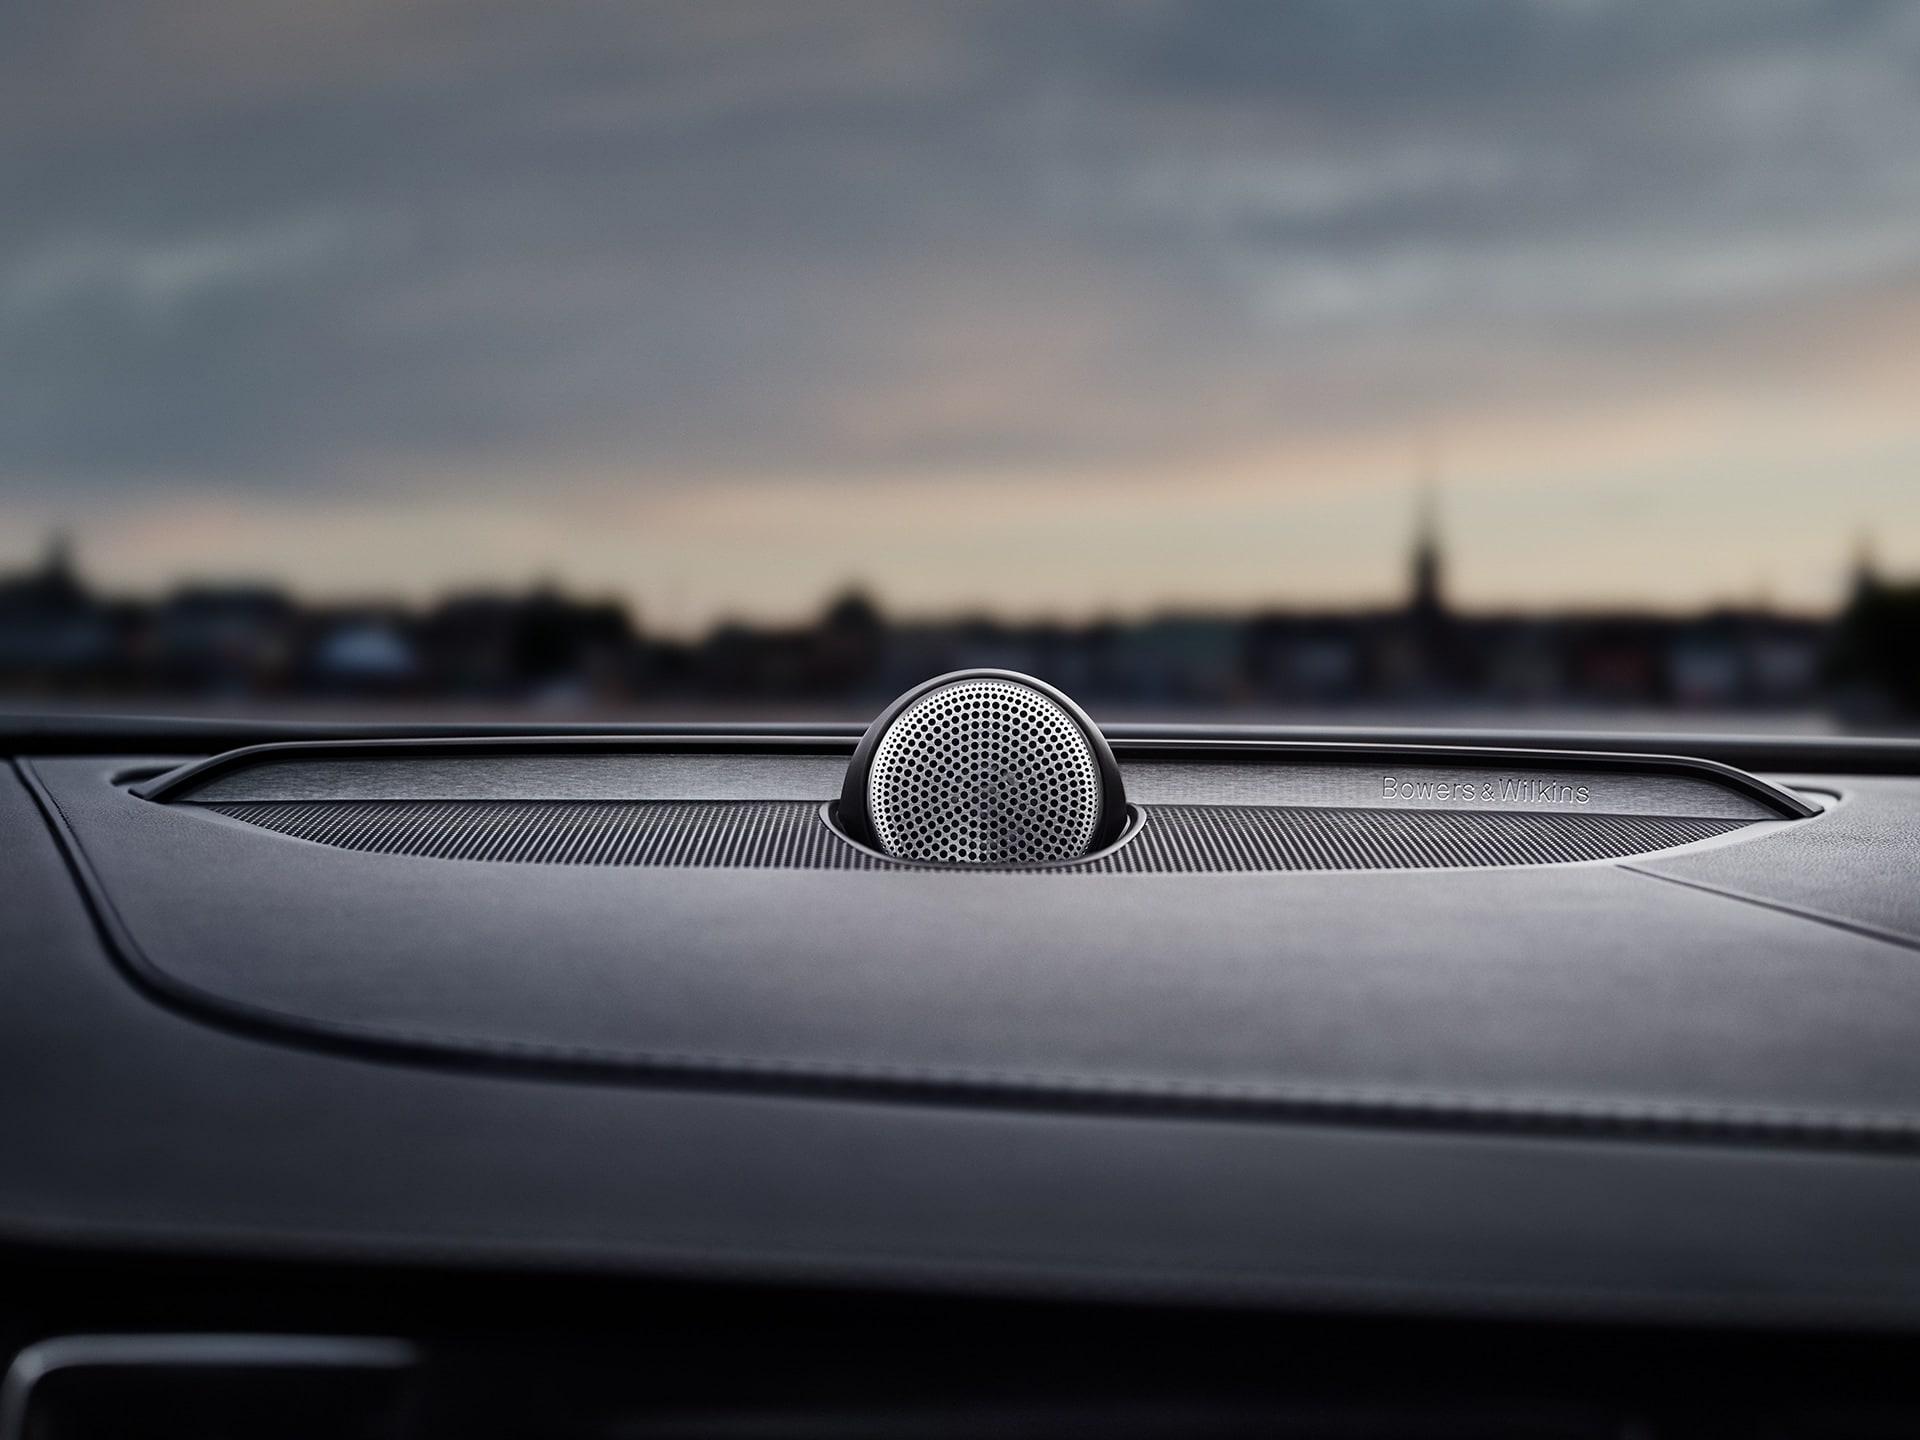 Bowers & Wilkins Lautsprecher im Inneren eines Volvo XC90 Recharge